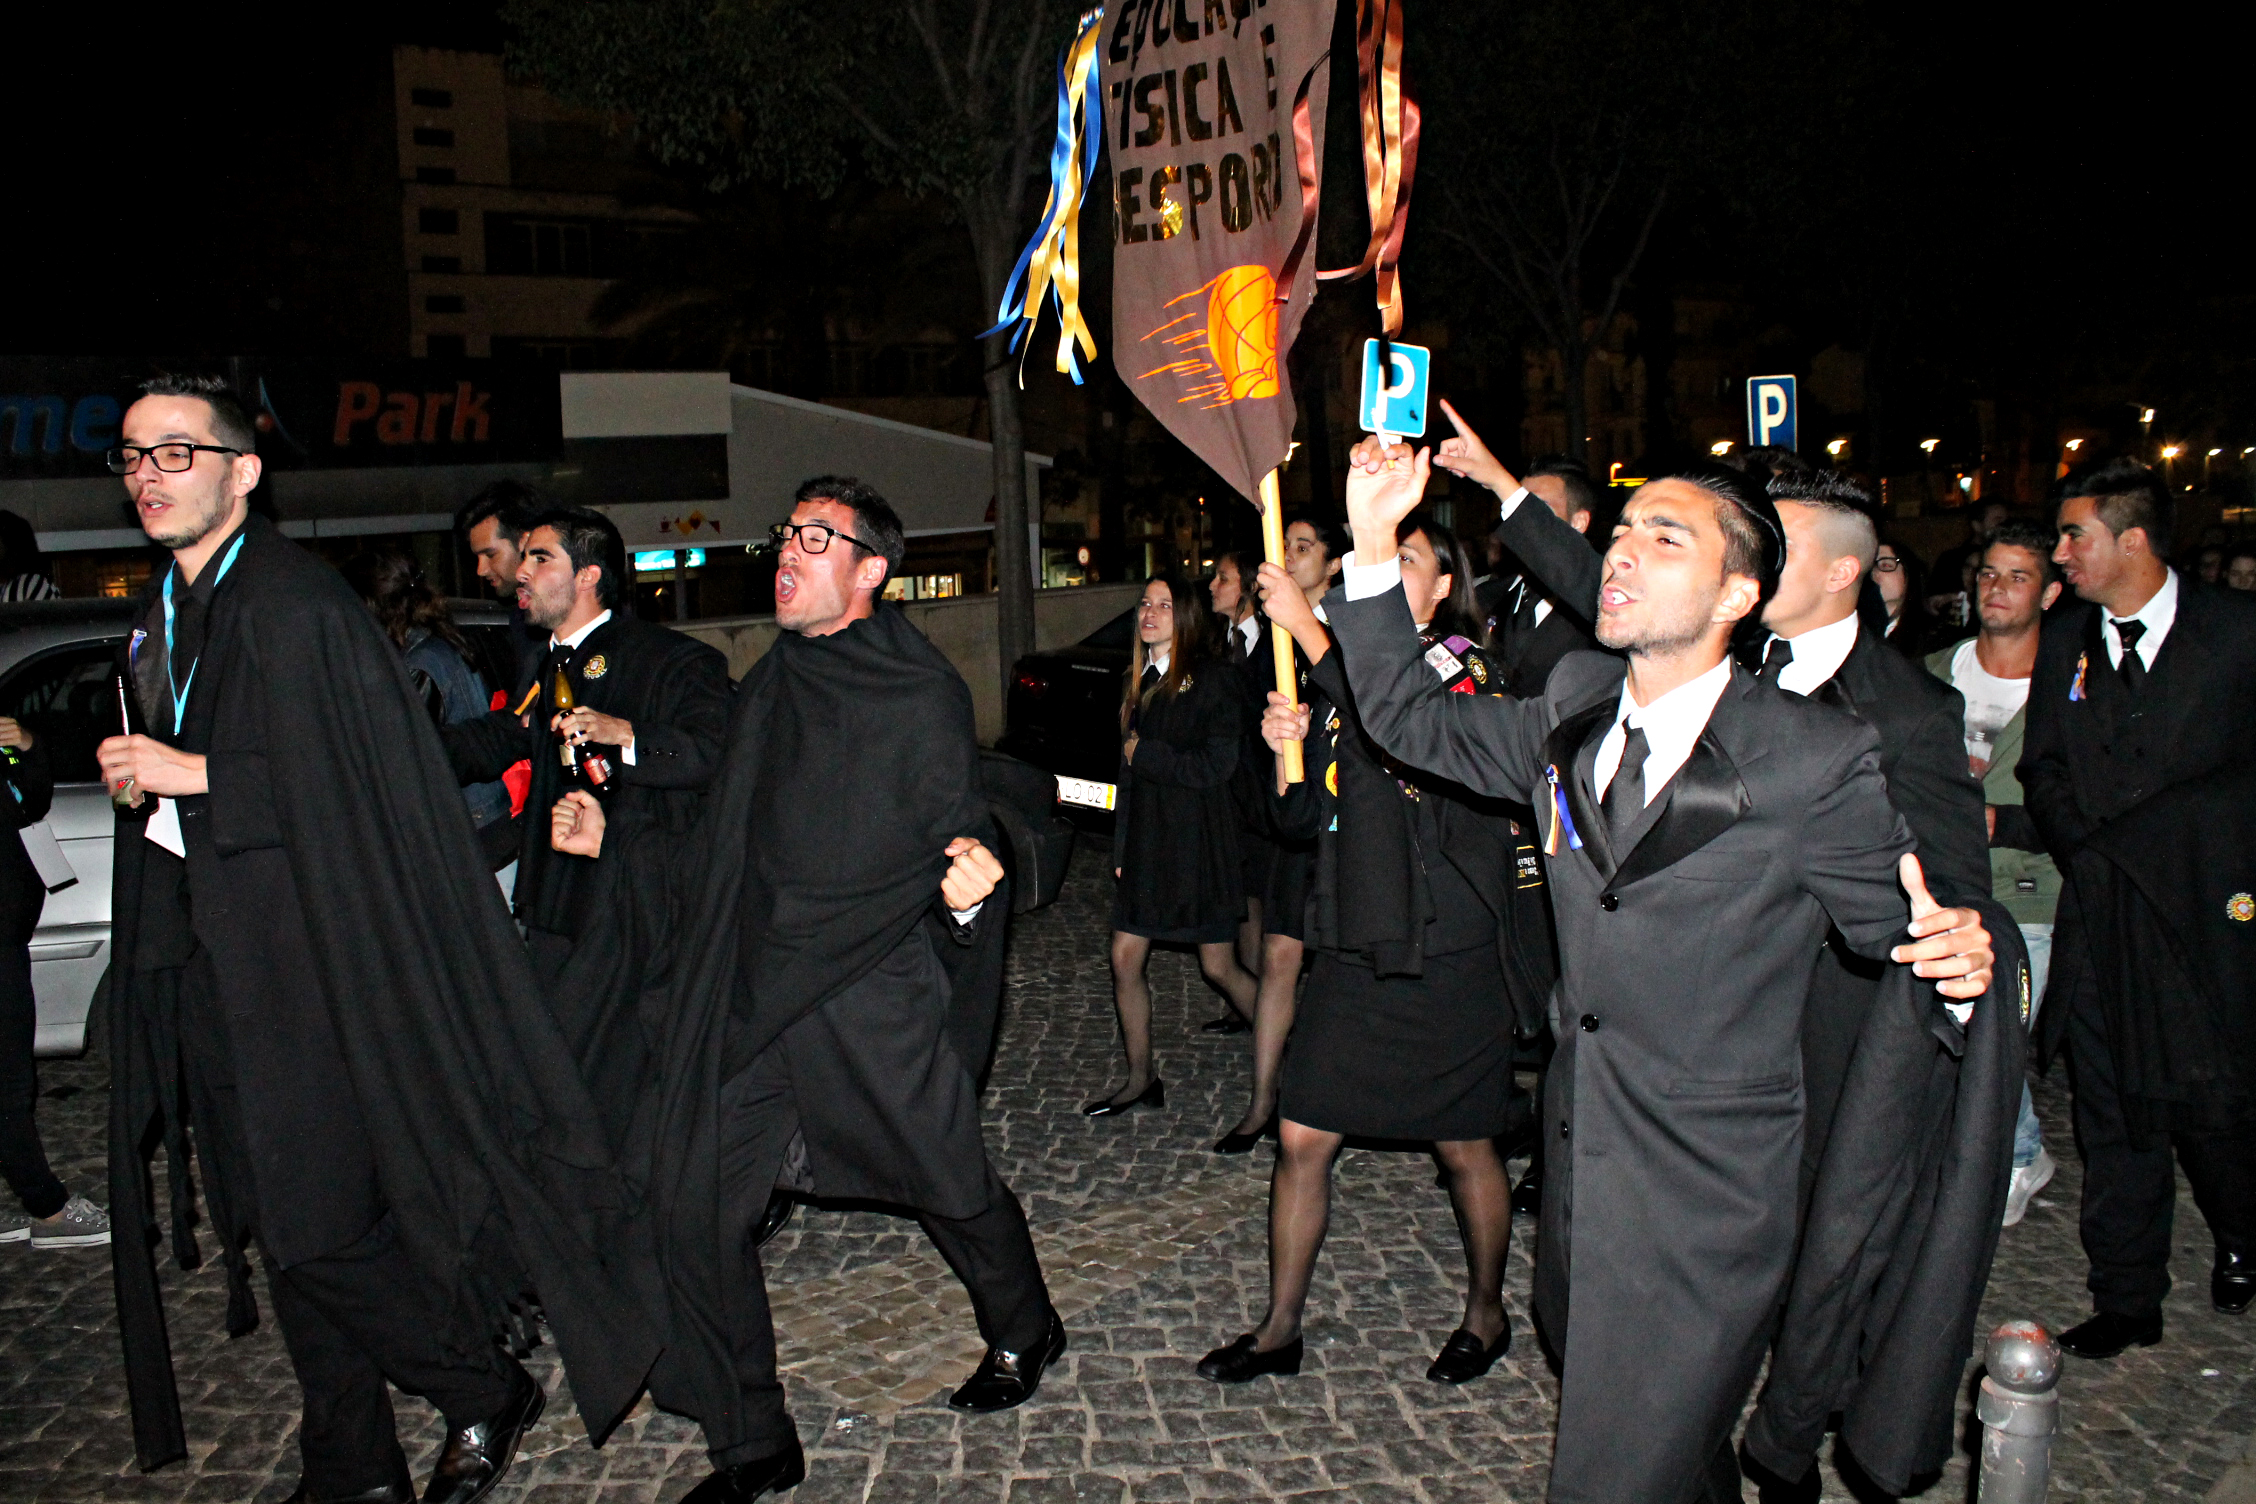 Estudantes com traje académico à noite